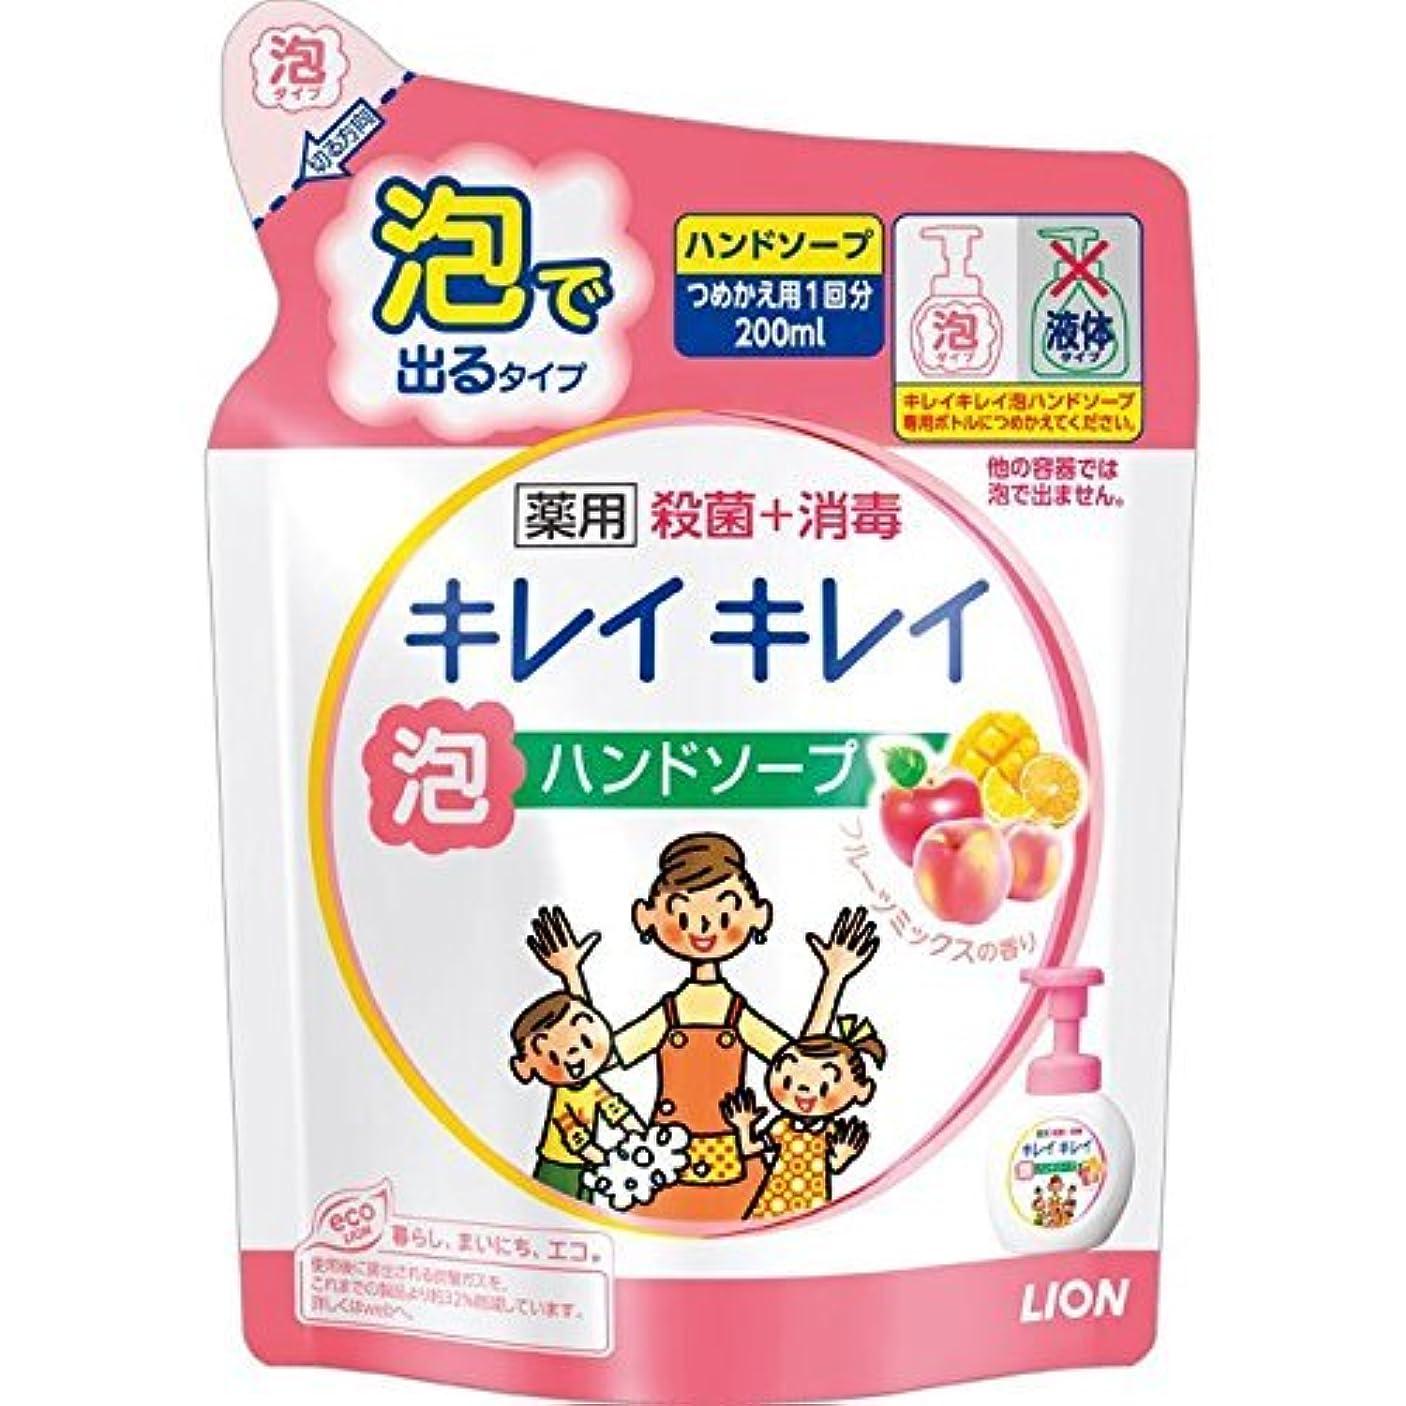 文言暗黙統治するキレイキレイ 薬用泡ハンドソープ フルーツミックスの香り つめかえ用 通常サイズ 200ml ×20個セット